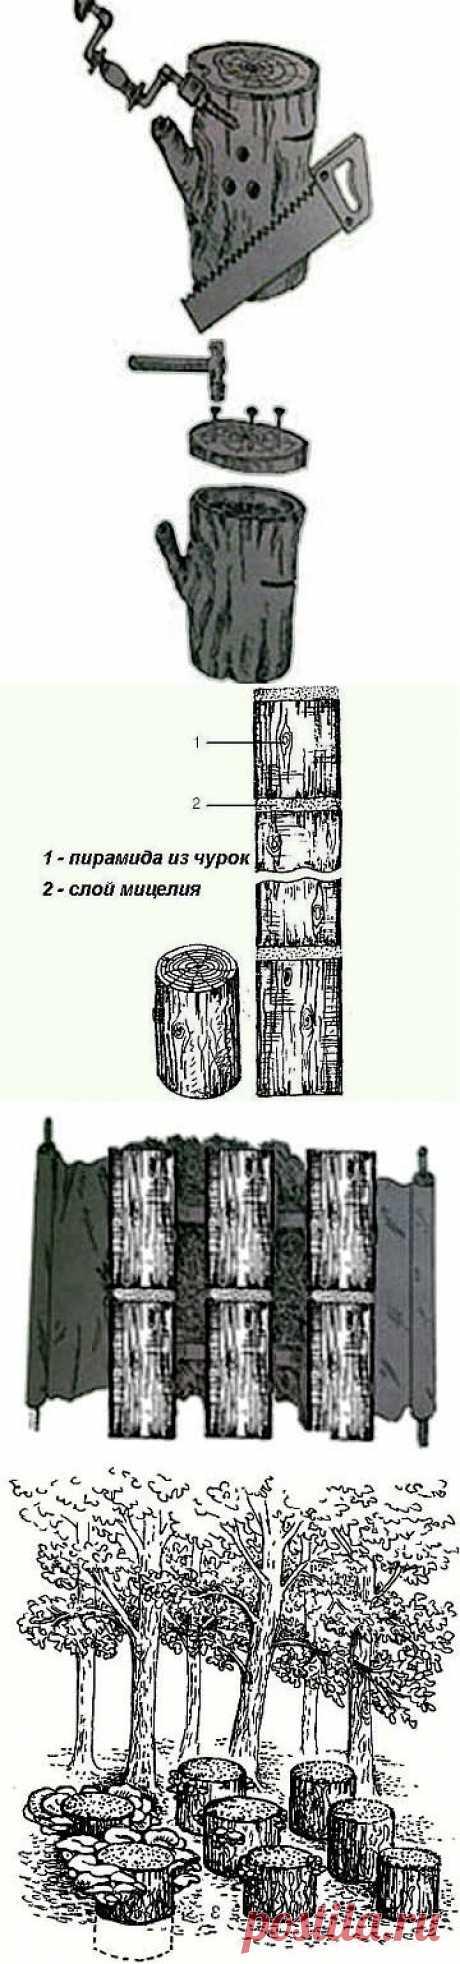 Как выращивать вешенки на пнях